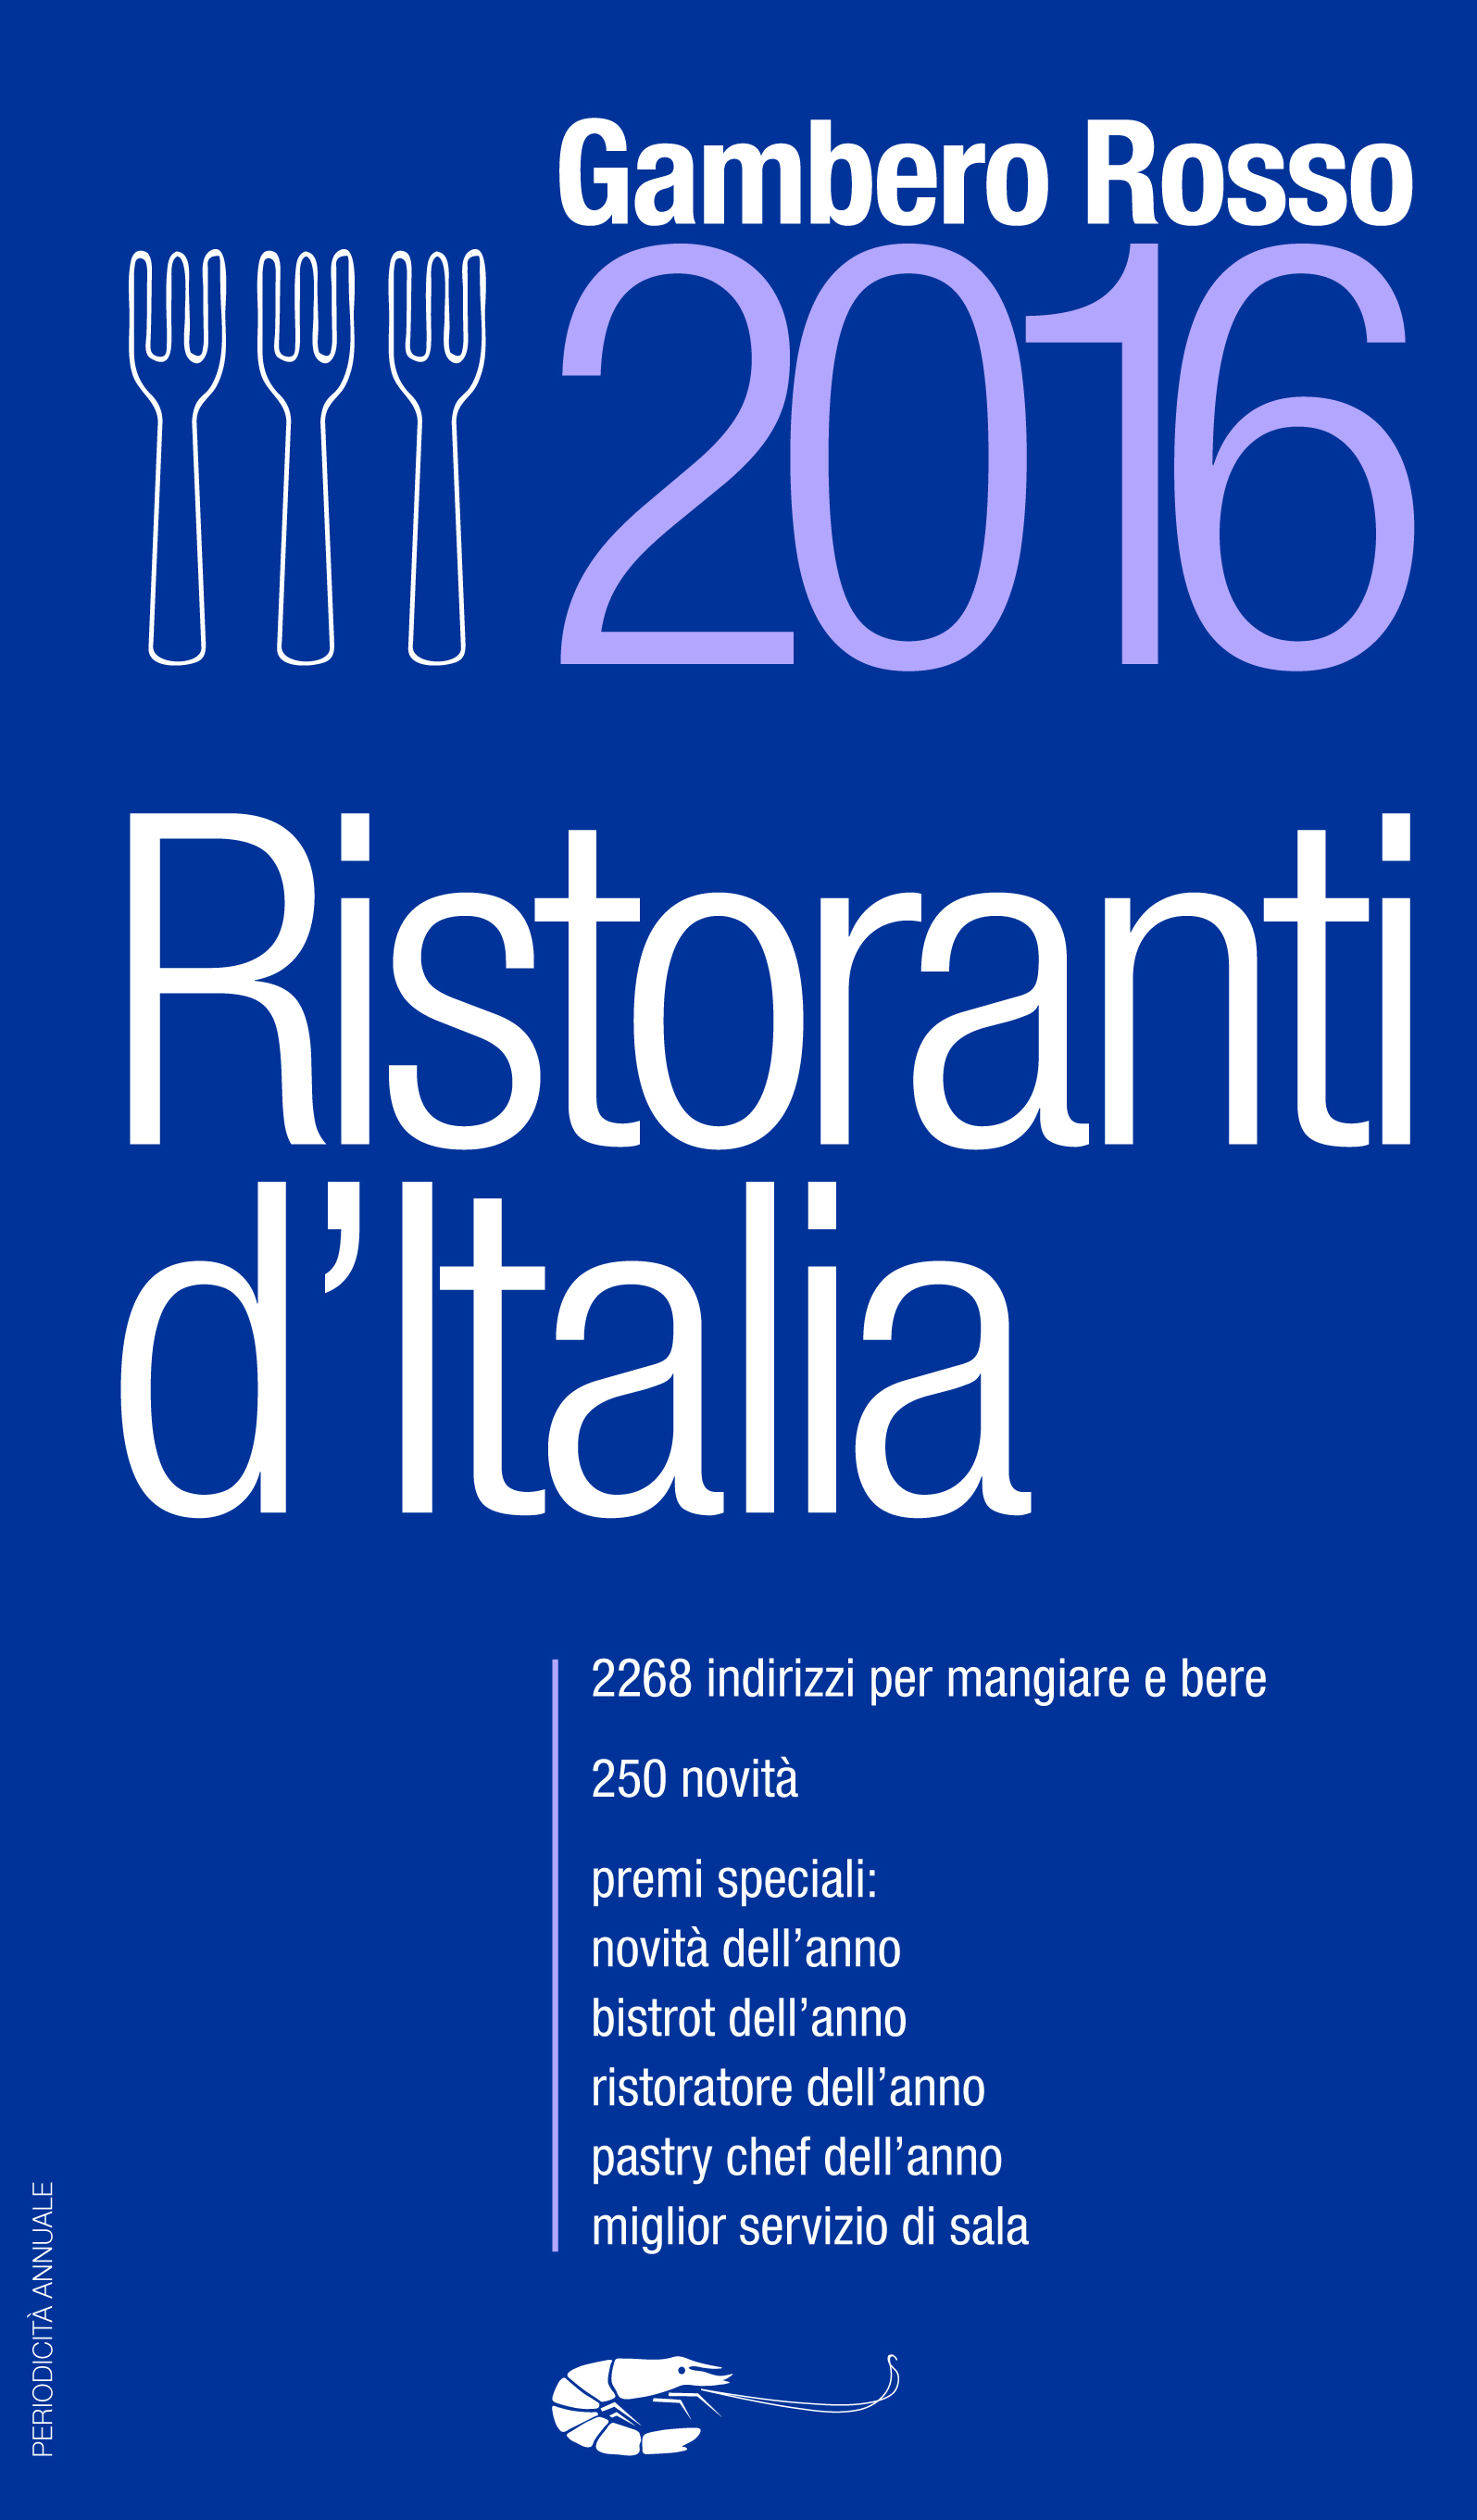 Risultati immagini per ristoranti d'italia 2016 gambero rosso